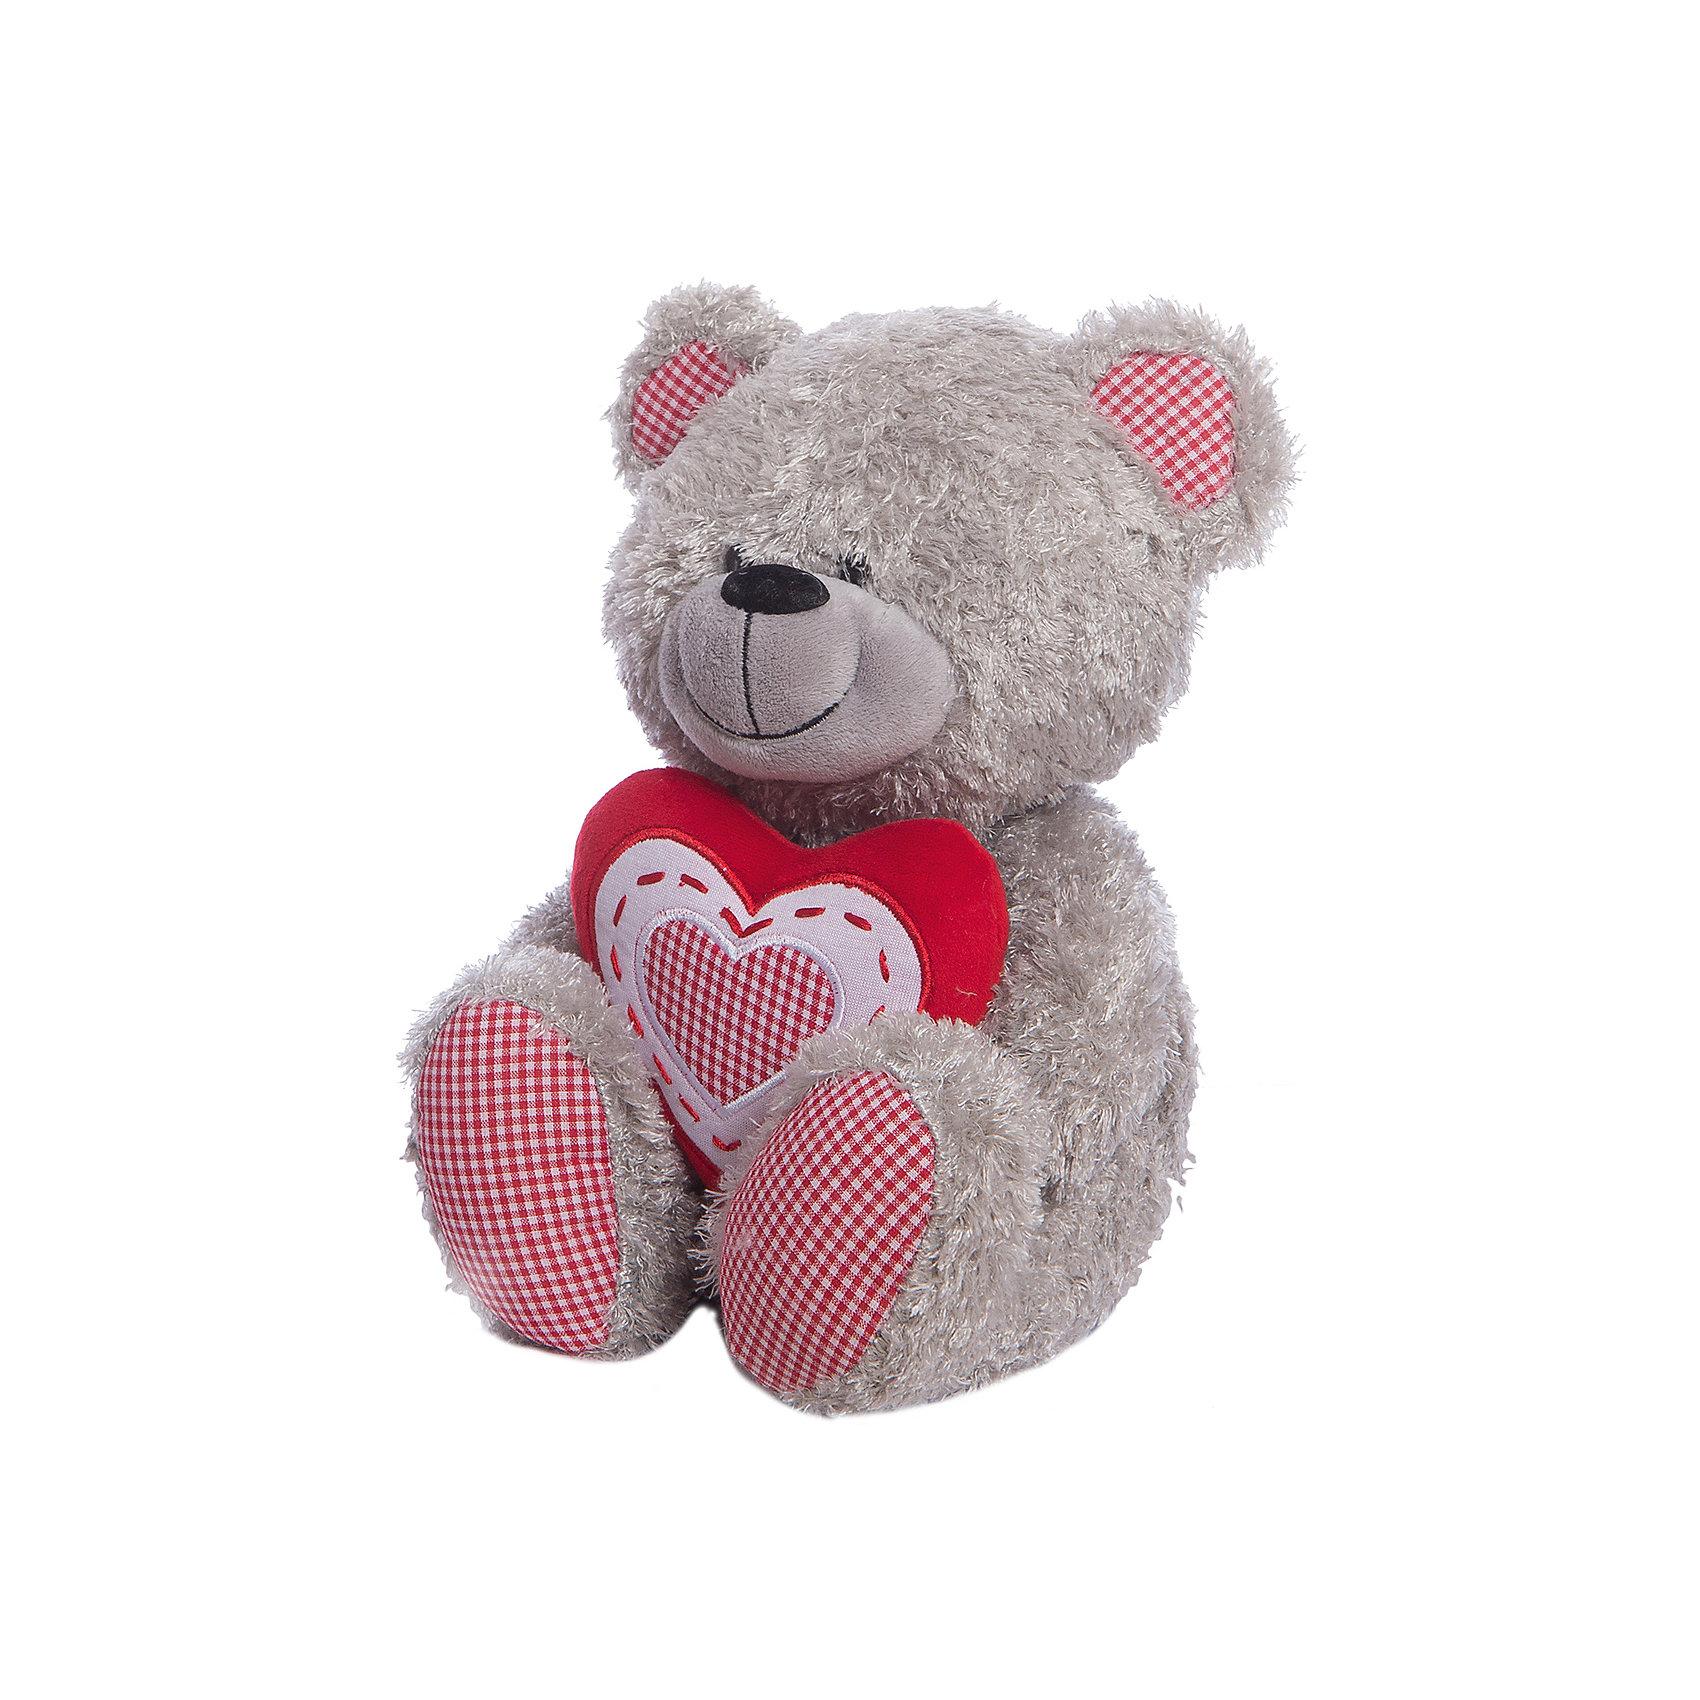 Медведь с красным сердцем, музыкальный, 22 см, LAVAМедвежата<br>Очаровательная мягкая игрушка сделана в виде серого медвежонка с сердечком в руках. Она поможет ребенку проводить время весело и с пользой (такие игрушки развивают воображение и моторику). В игрушке есть встроенный звуковой модуль, работающий на батарейках.<br>Размер игрушки универсален - 22 сантиметра, её удобно брать с собой в поездки и на прогулку. Сделан Медвежонок из качественных и безопасных для ребенка материалов, которые еще и приятны на ощупь. Эта игрушка может стать и отличным подарком для взрослого.<br><br>Дополнительная информация:<br><br>- материал: текстиль, пластик;<br>- звуковой модуль;<br>- язык: русский;<br>- работает на батарейках;<br>- высота: 22 см.<br><br>Игрушку Медведь с красным сердцем, музыкальный, 22 см, от марки LAVA можно купить в нашем магазине.<br><br>Ширина мм: 230<br>Глубина мм: 120<br>Высота мм: 120<br>Вес г: 165<br>Возраст от месяцев: 36<br>Возраст до месяцев: 1188<br>Пол: Унисекс<br>Возраст: Детский<br>SKU: 4701865